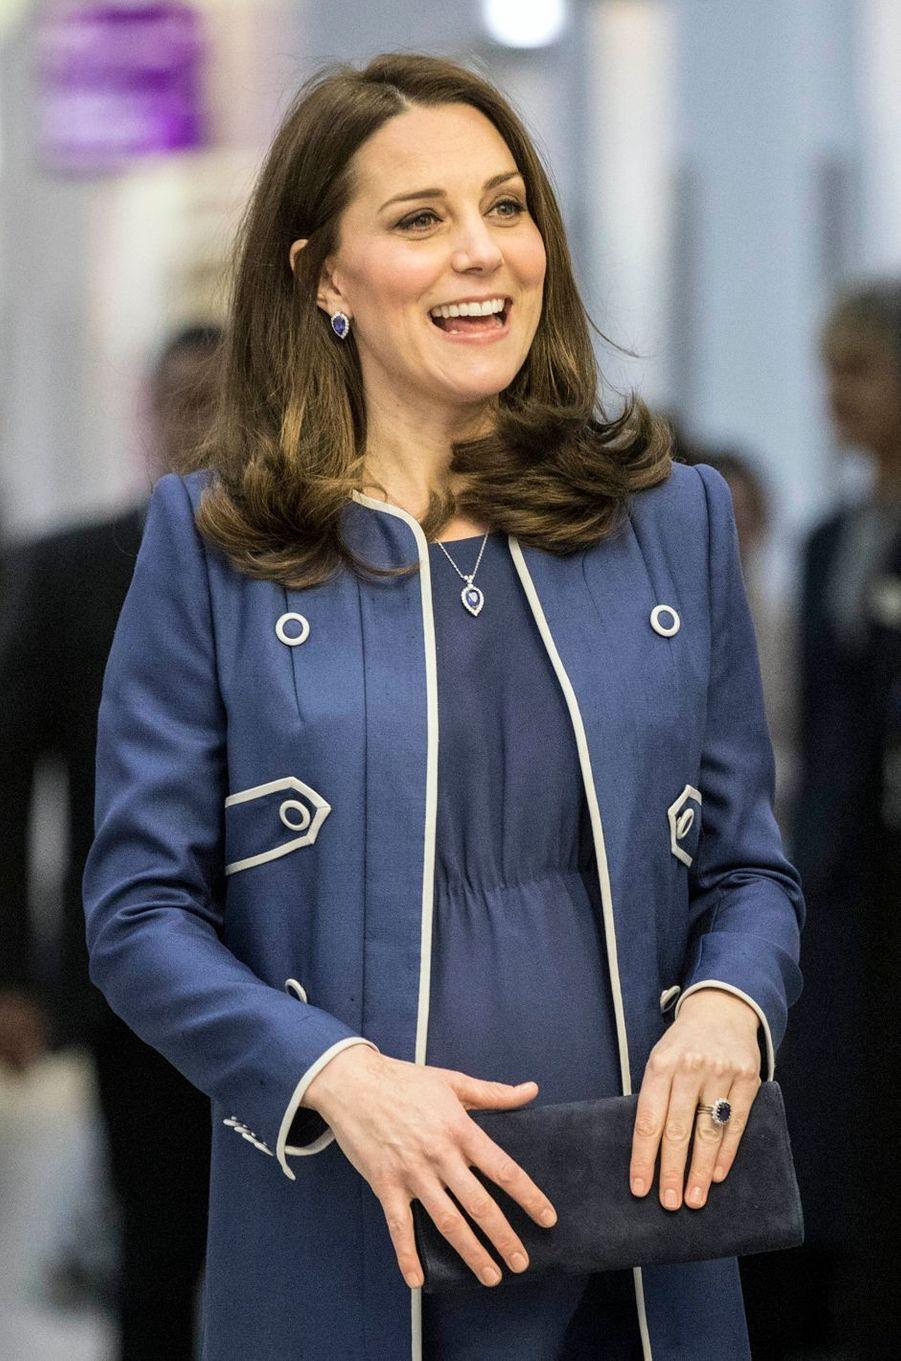 La duchesse Catherine de Cambridge à Londres, le 27 février 2018